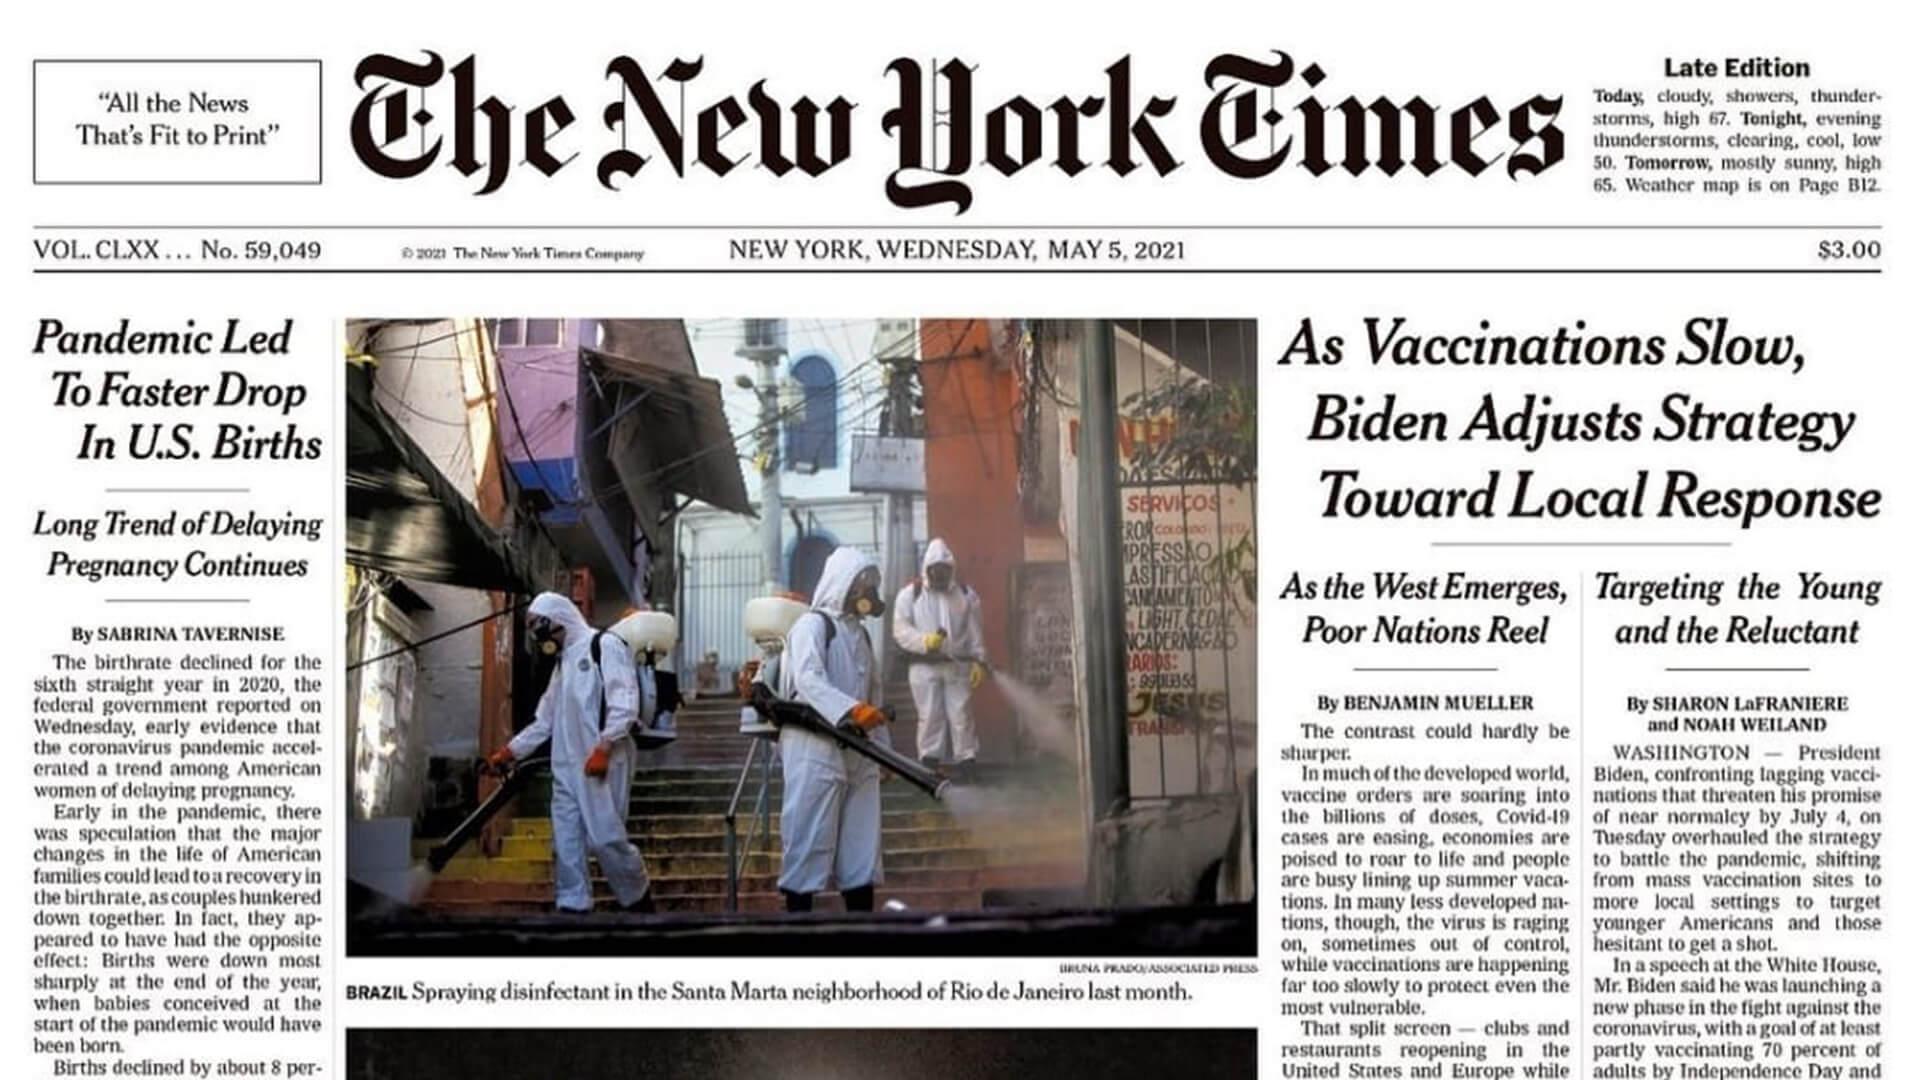 Capa do New York Times com matéria sobre o Santa Marta